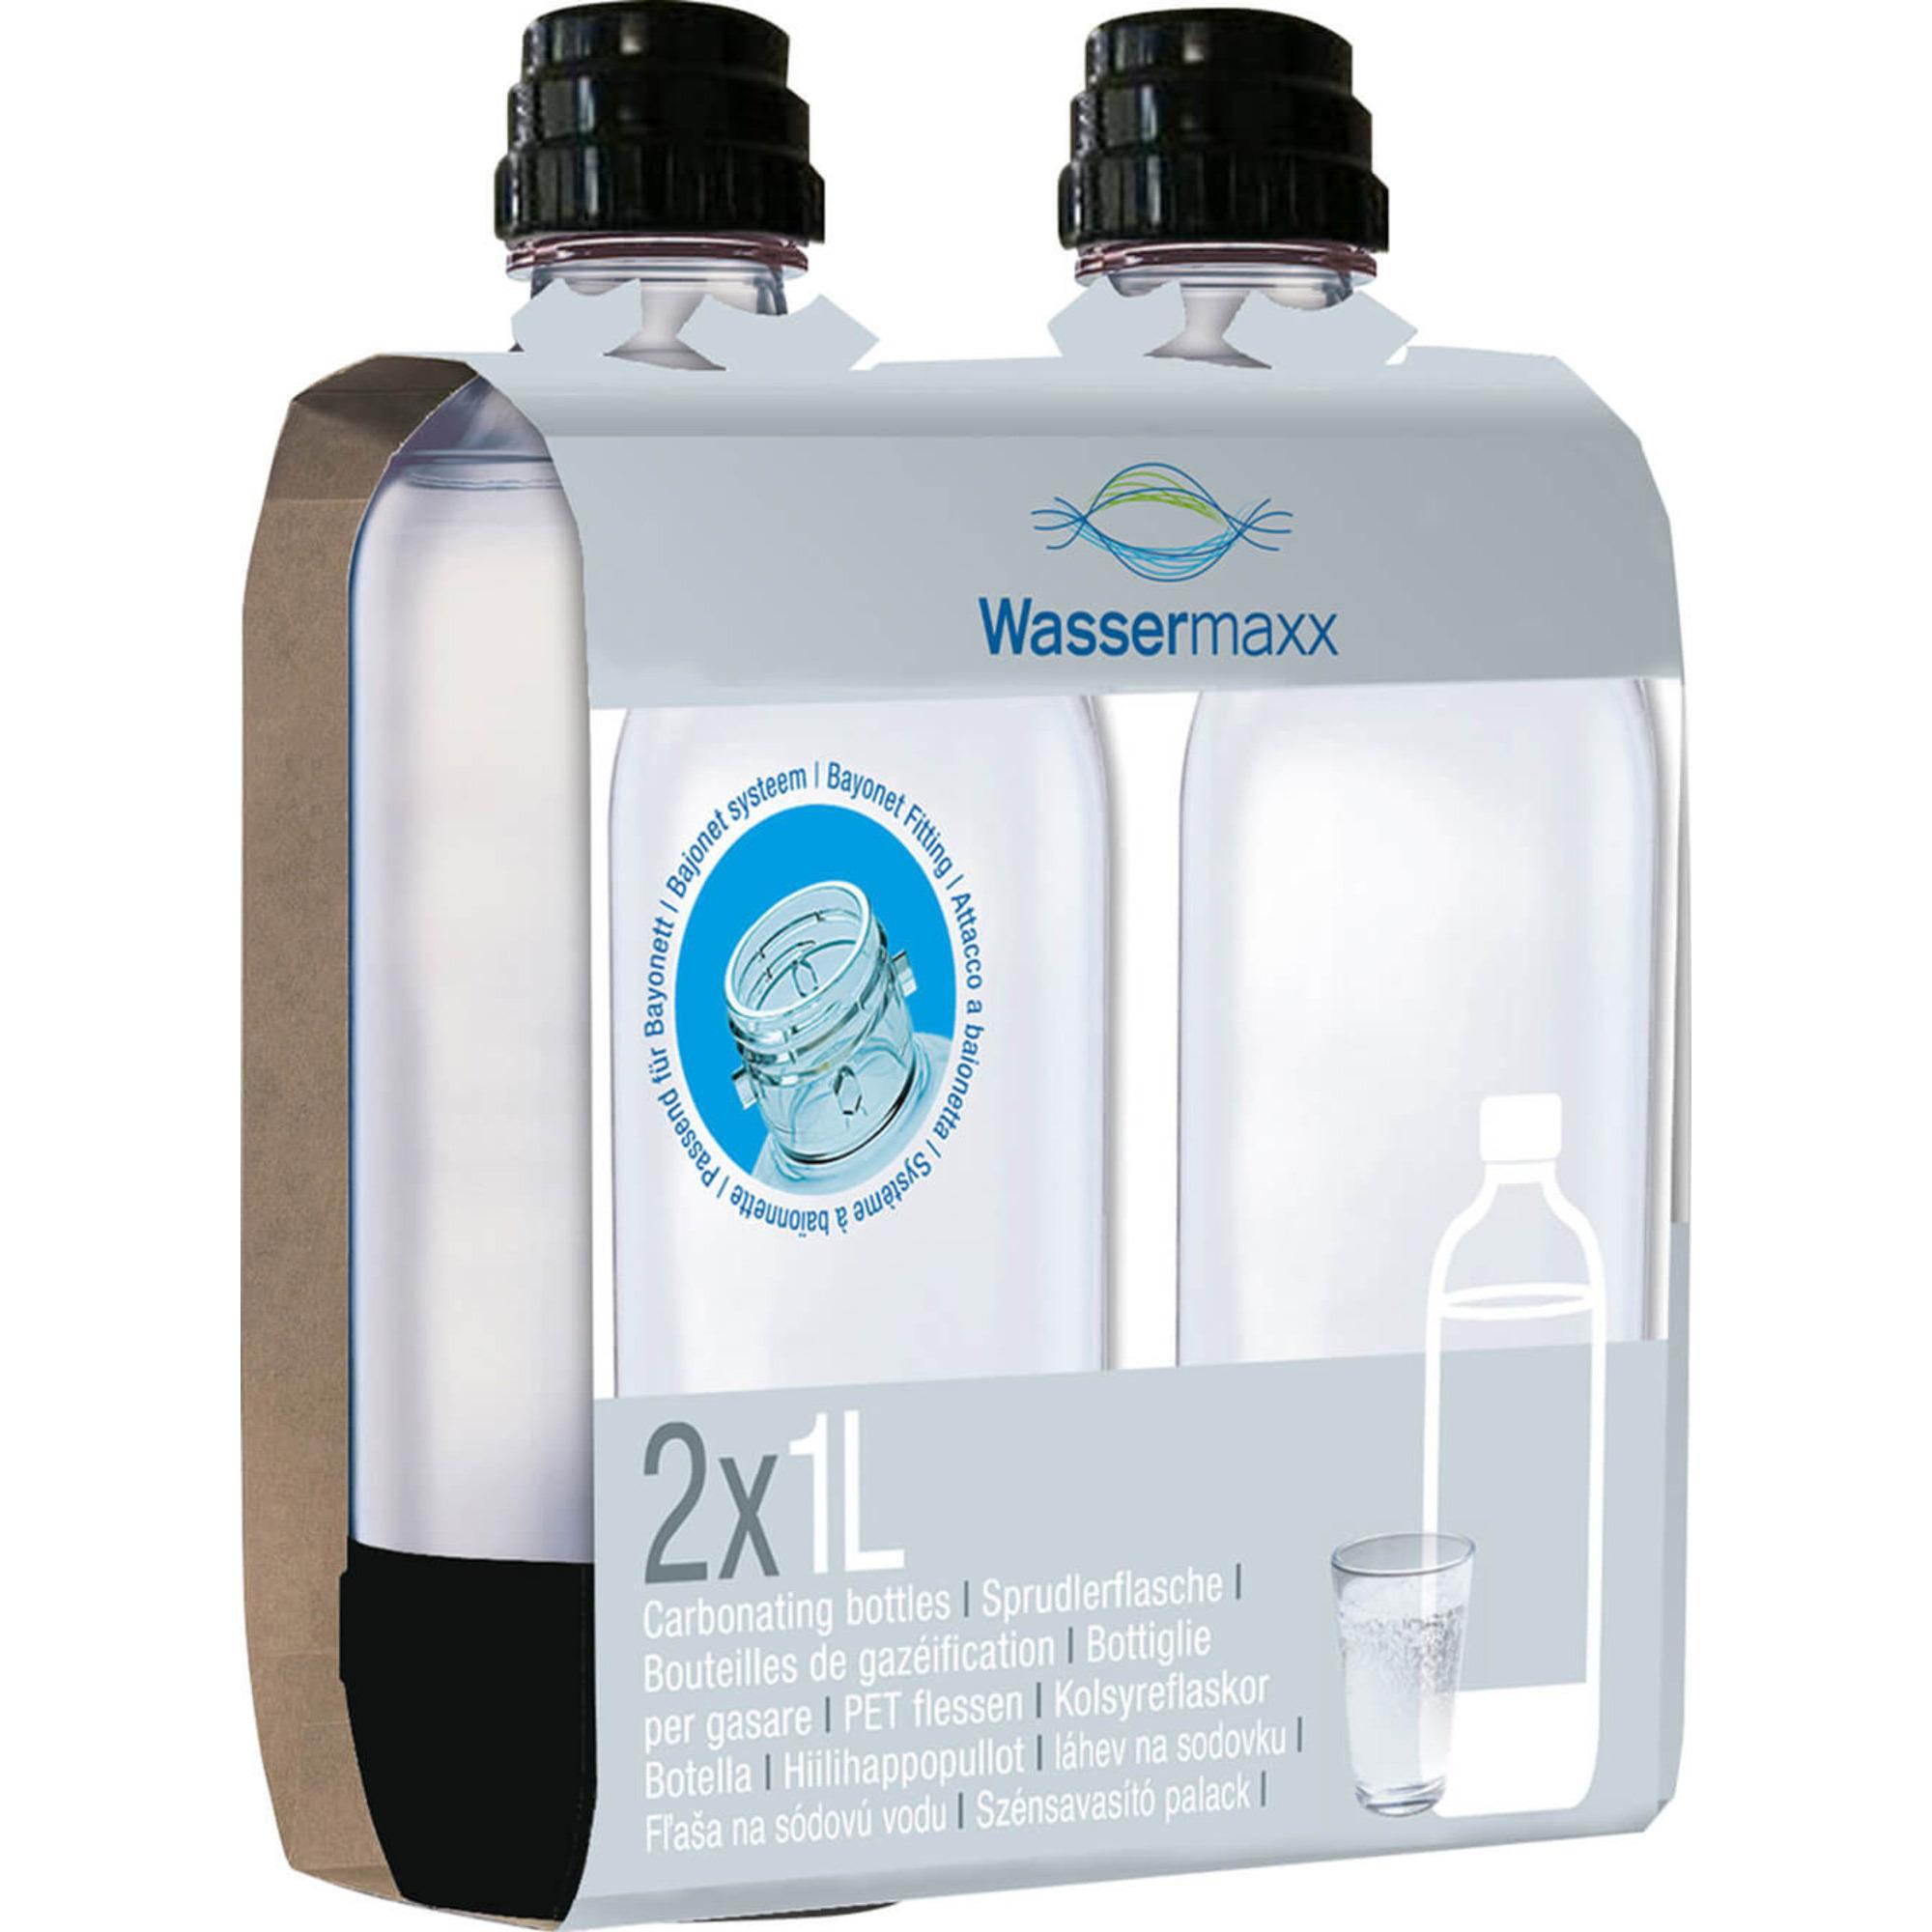 SodaStream Flaskor 2 st 1L till Wassermaxx